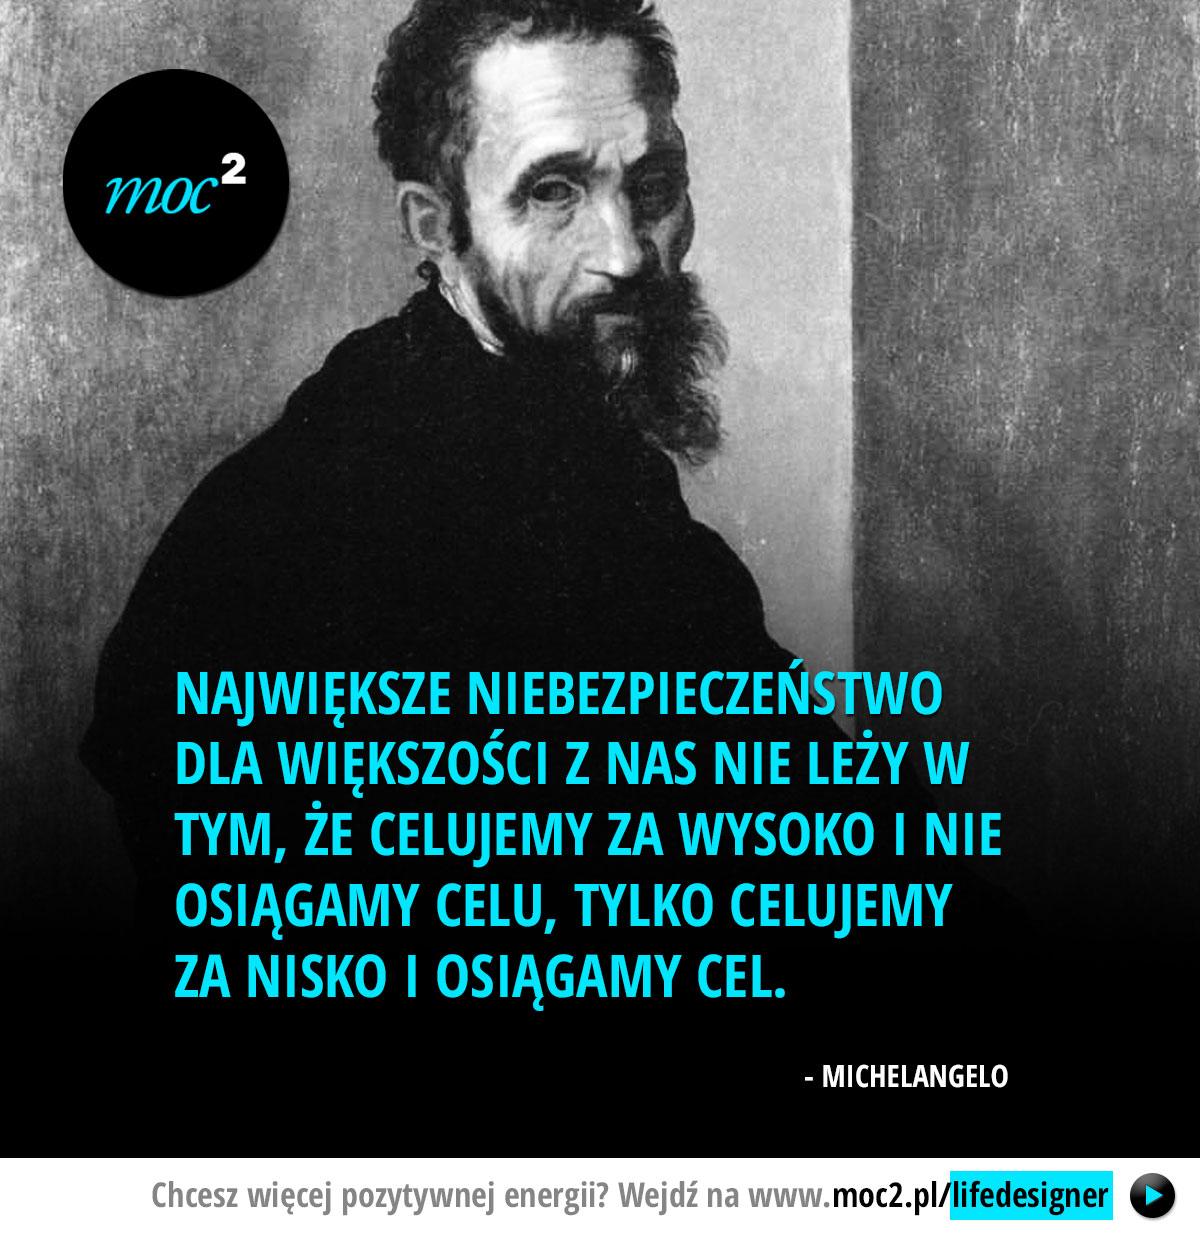 Największe niebezpieczeństwo dla większości z nas nie leży w tym, że celujemy za wysoko i nie osiągamy celu, tylko celujemy za nisko i osiągamy cel. - Michelangelo